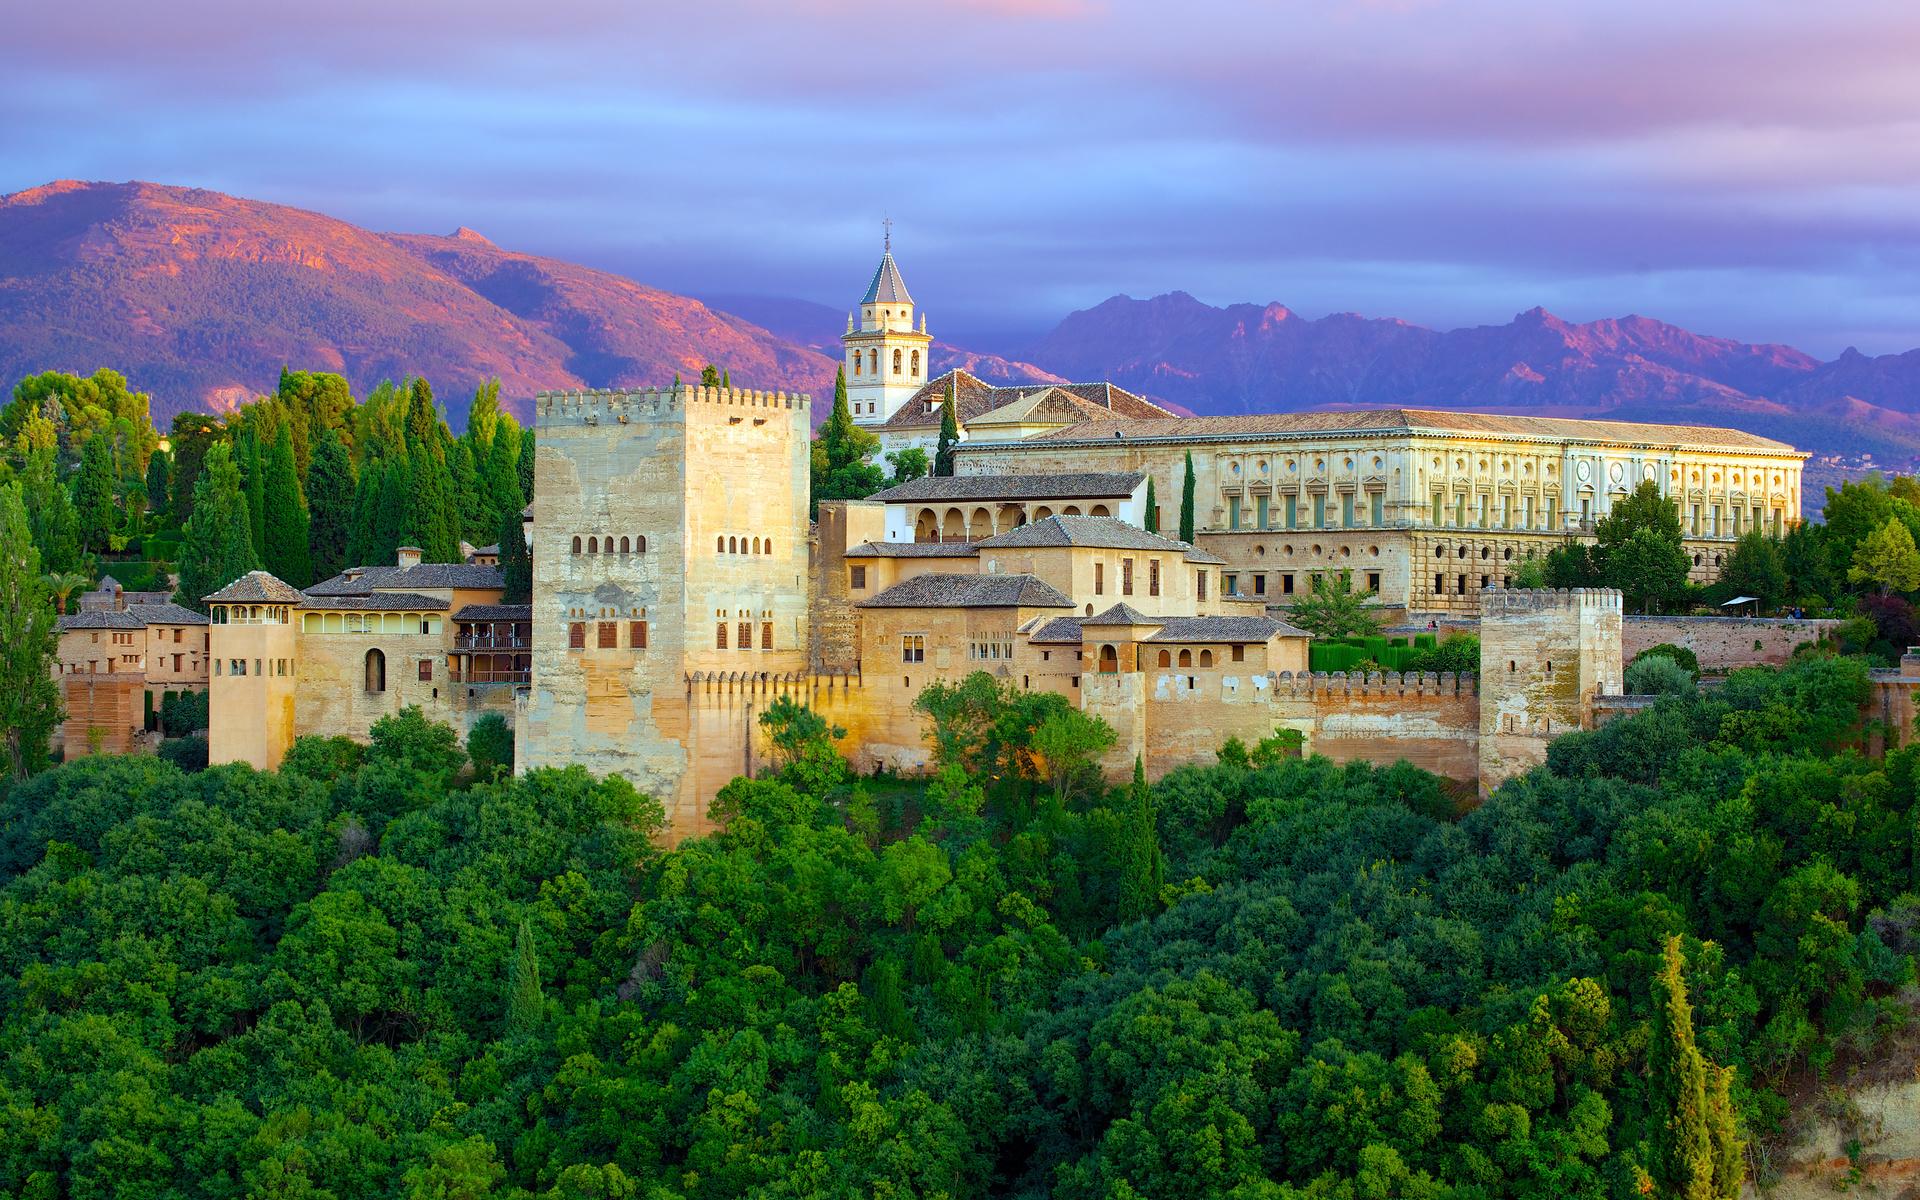 испания, замок, alhambra granada, деревья, город